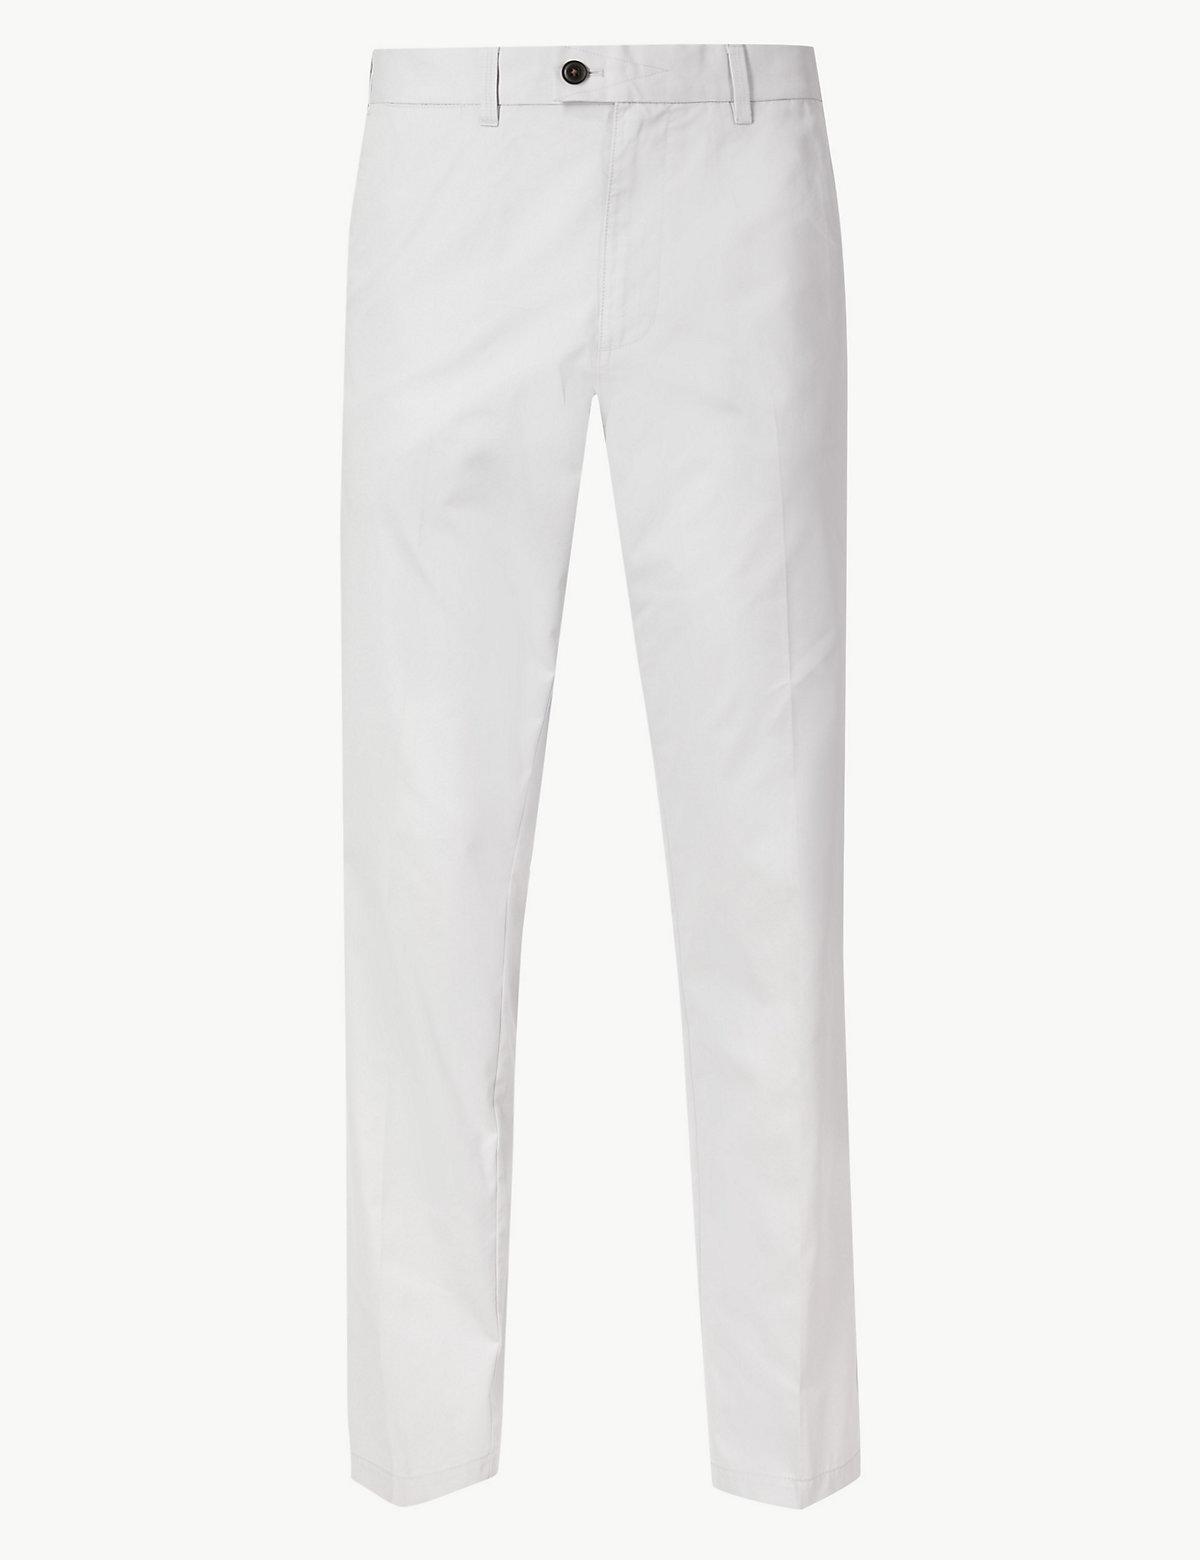 Мужские брюки чинос классического кроя Blue Harbour. Цвет: светлый серый